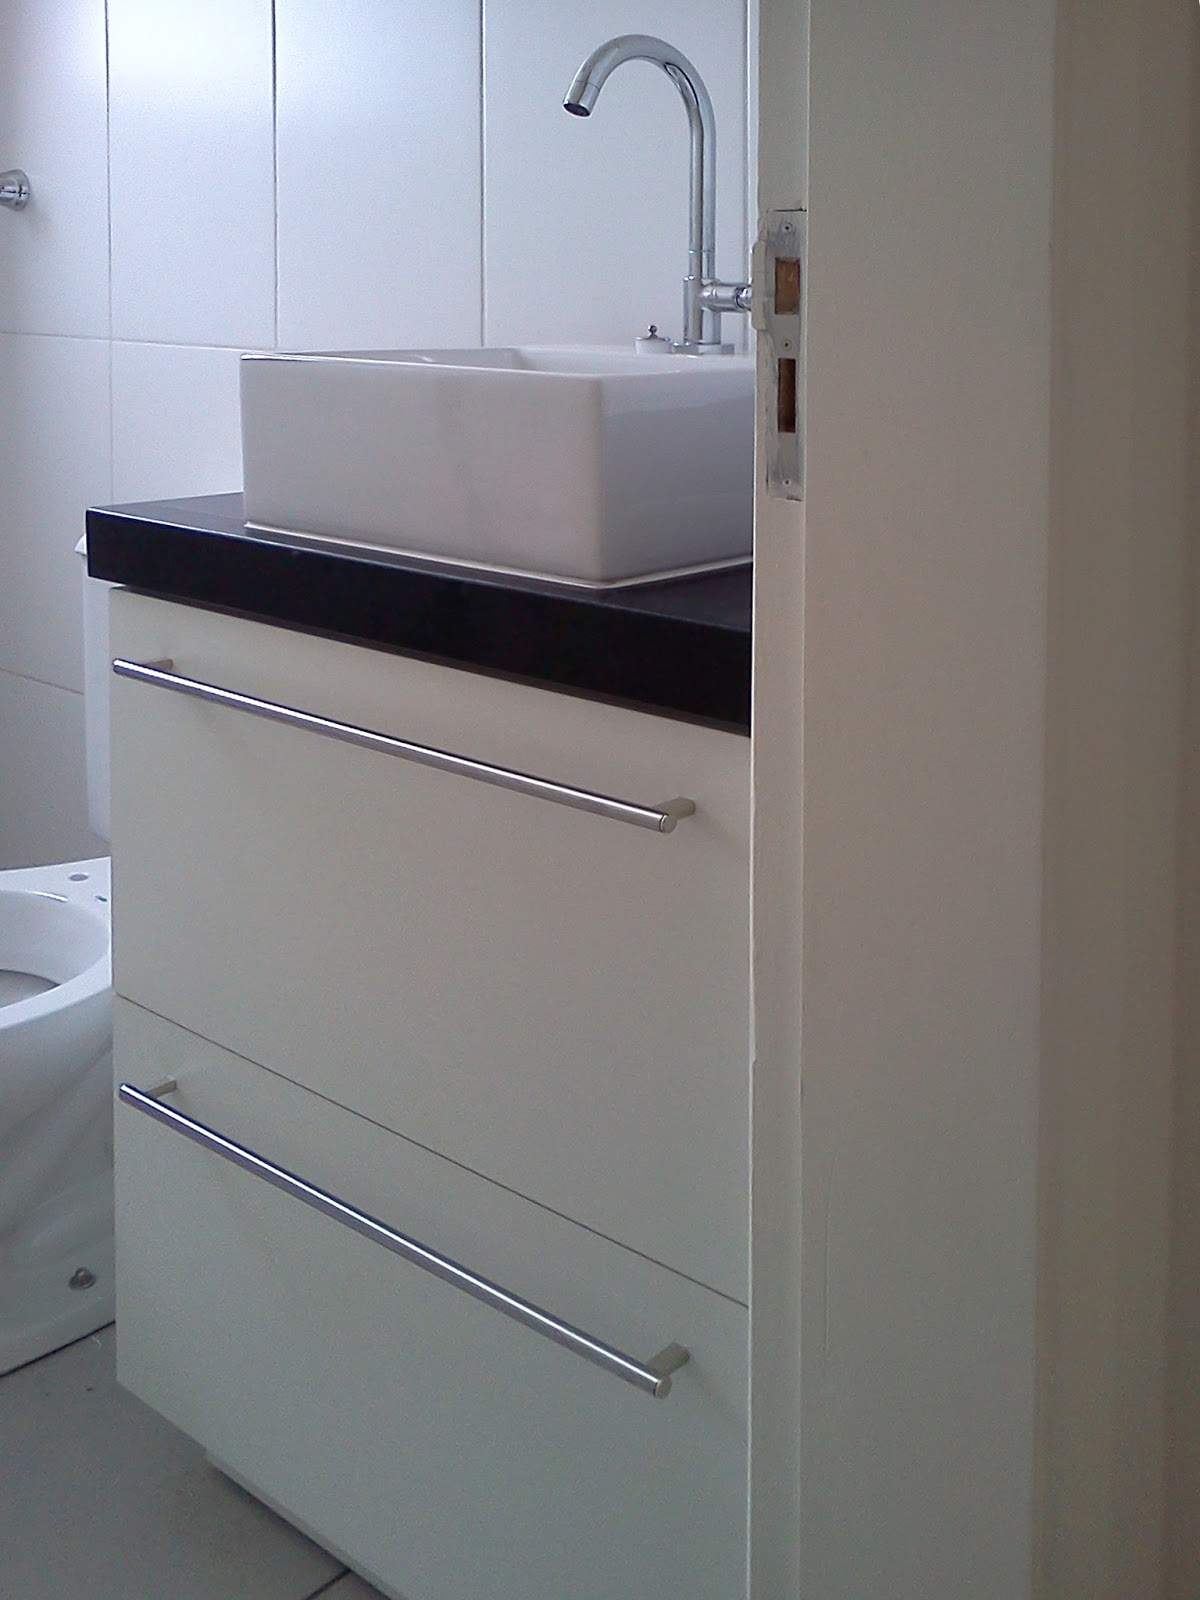 Banheiro Apartamento Mrv  rinkratmagcom banheiros decorados 2017 -> Banheiro Decorado Ap